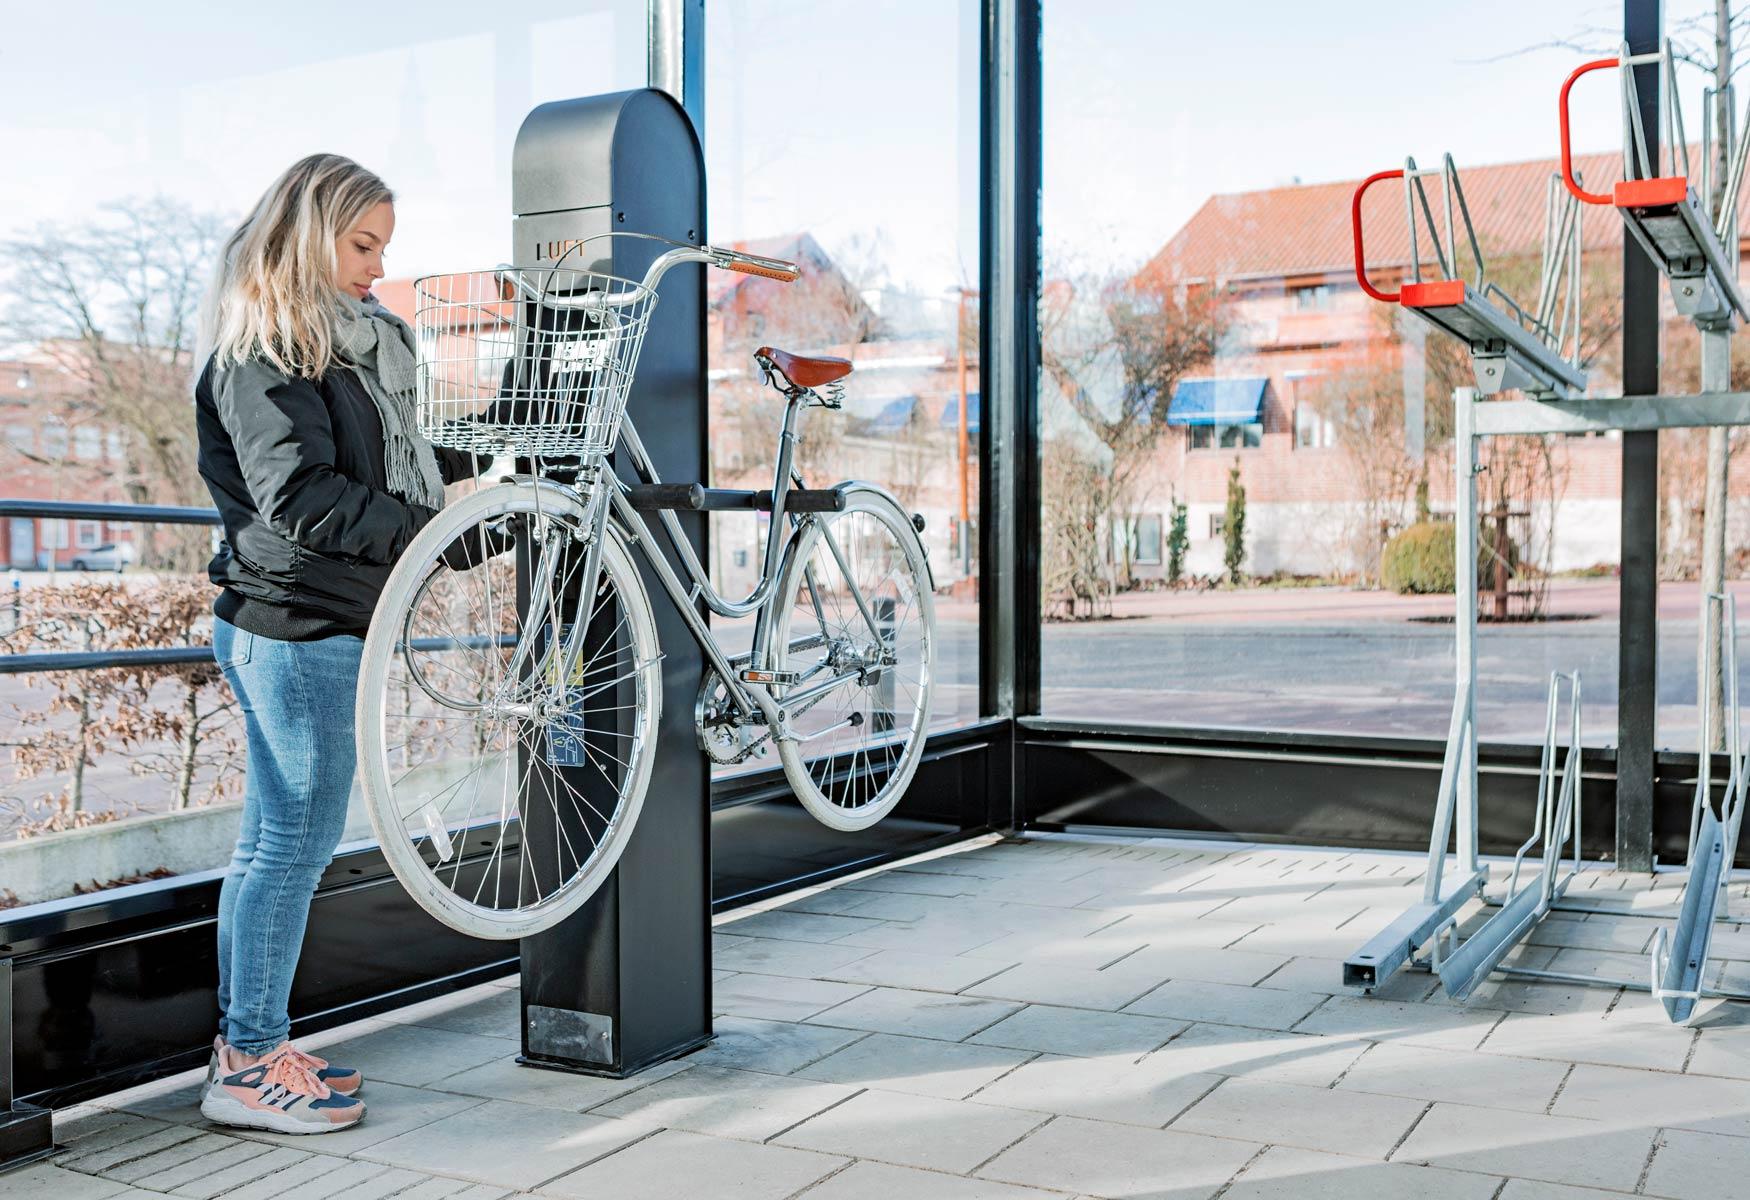 Cykelservicestation för cyklar